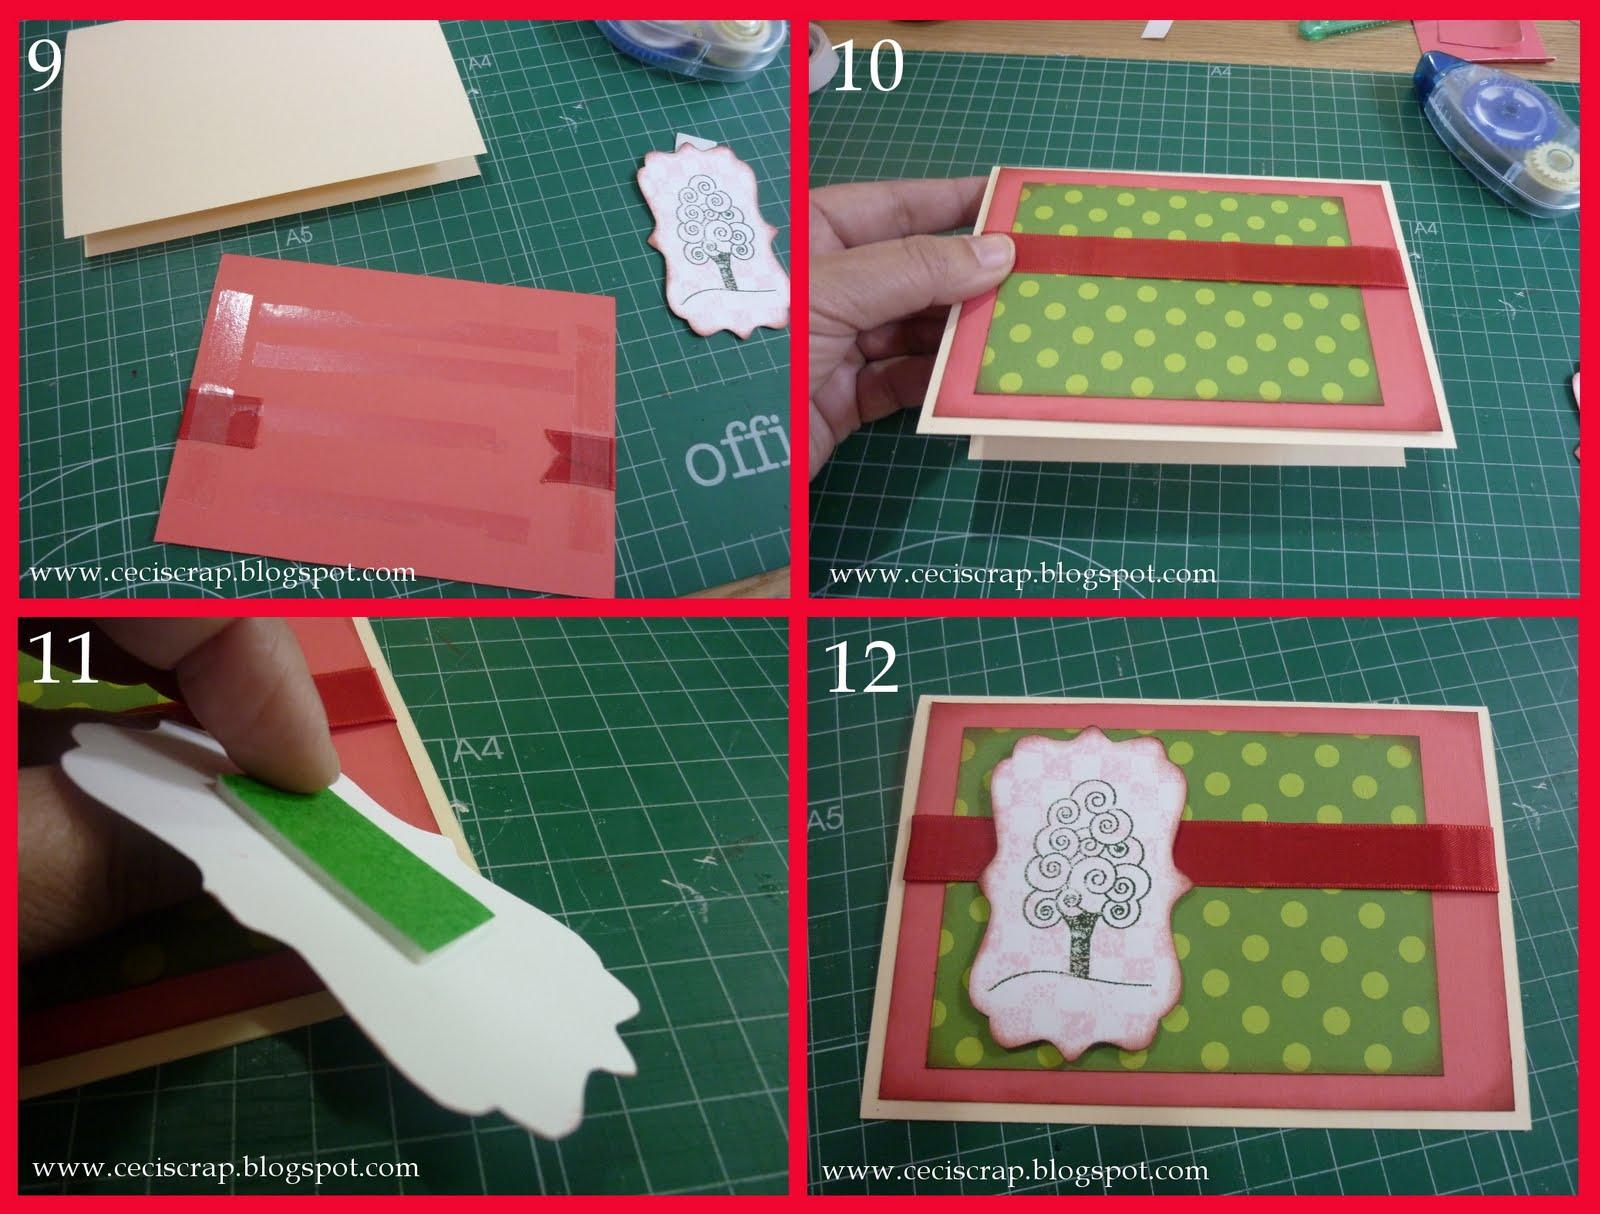 otra vez cinta doble cara por detrs o el pegamento que usis y a pegarlo sobre la tarjeta le pongo un poco de cinta de relieve por detrs a